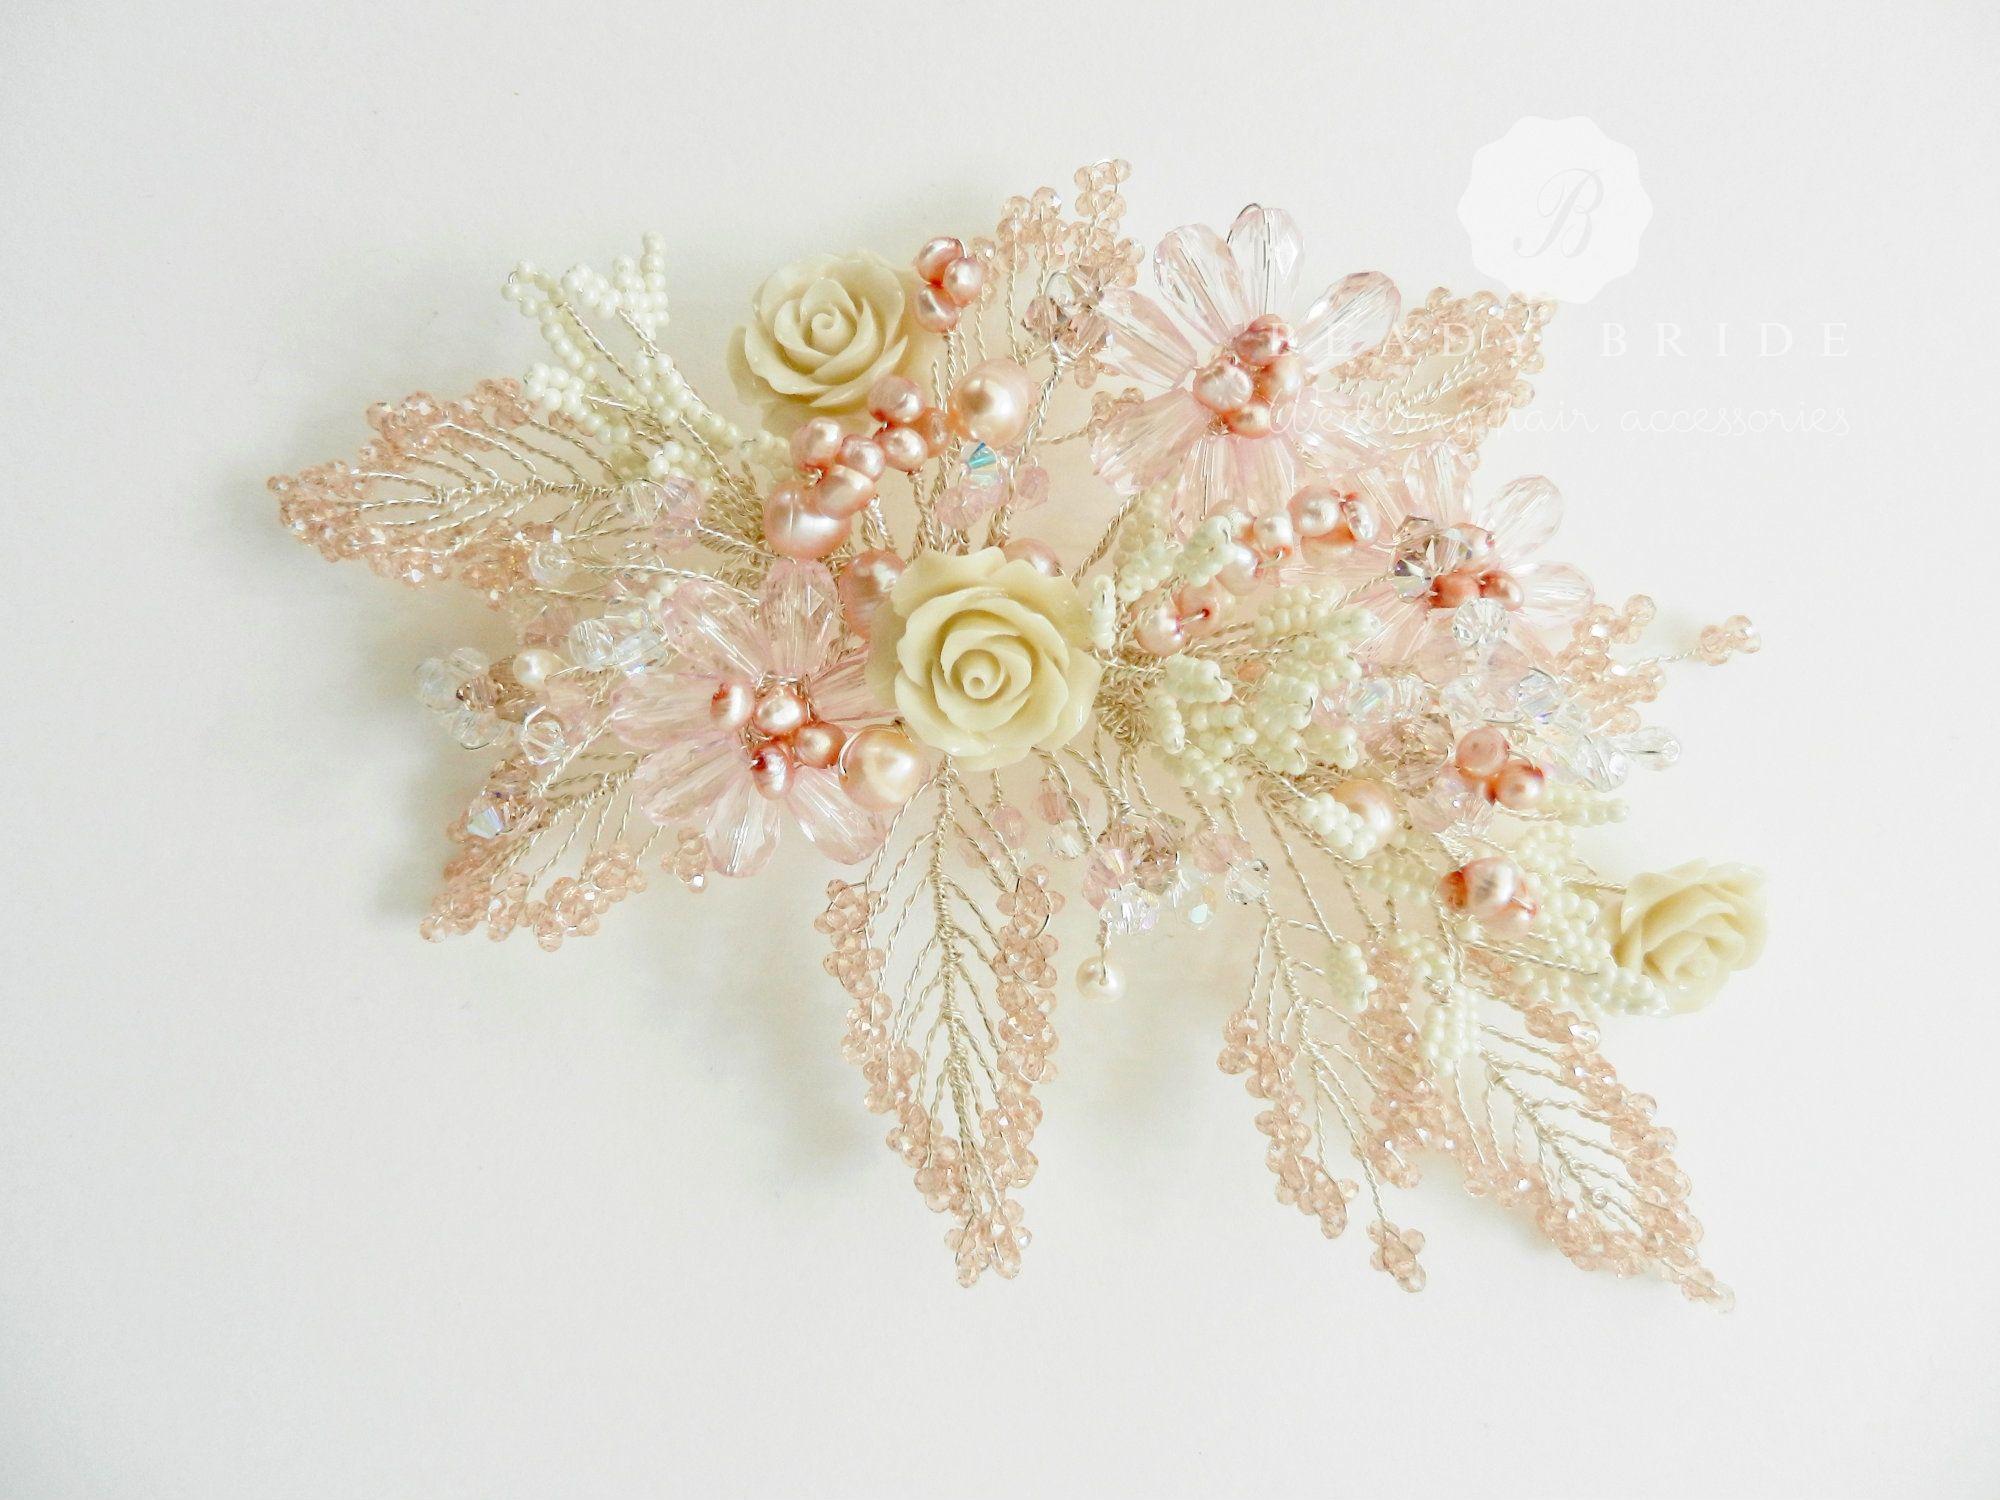 Bespoke floral wedding hair accessories-UK